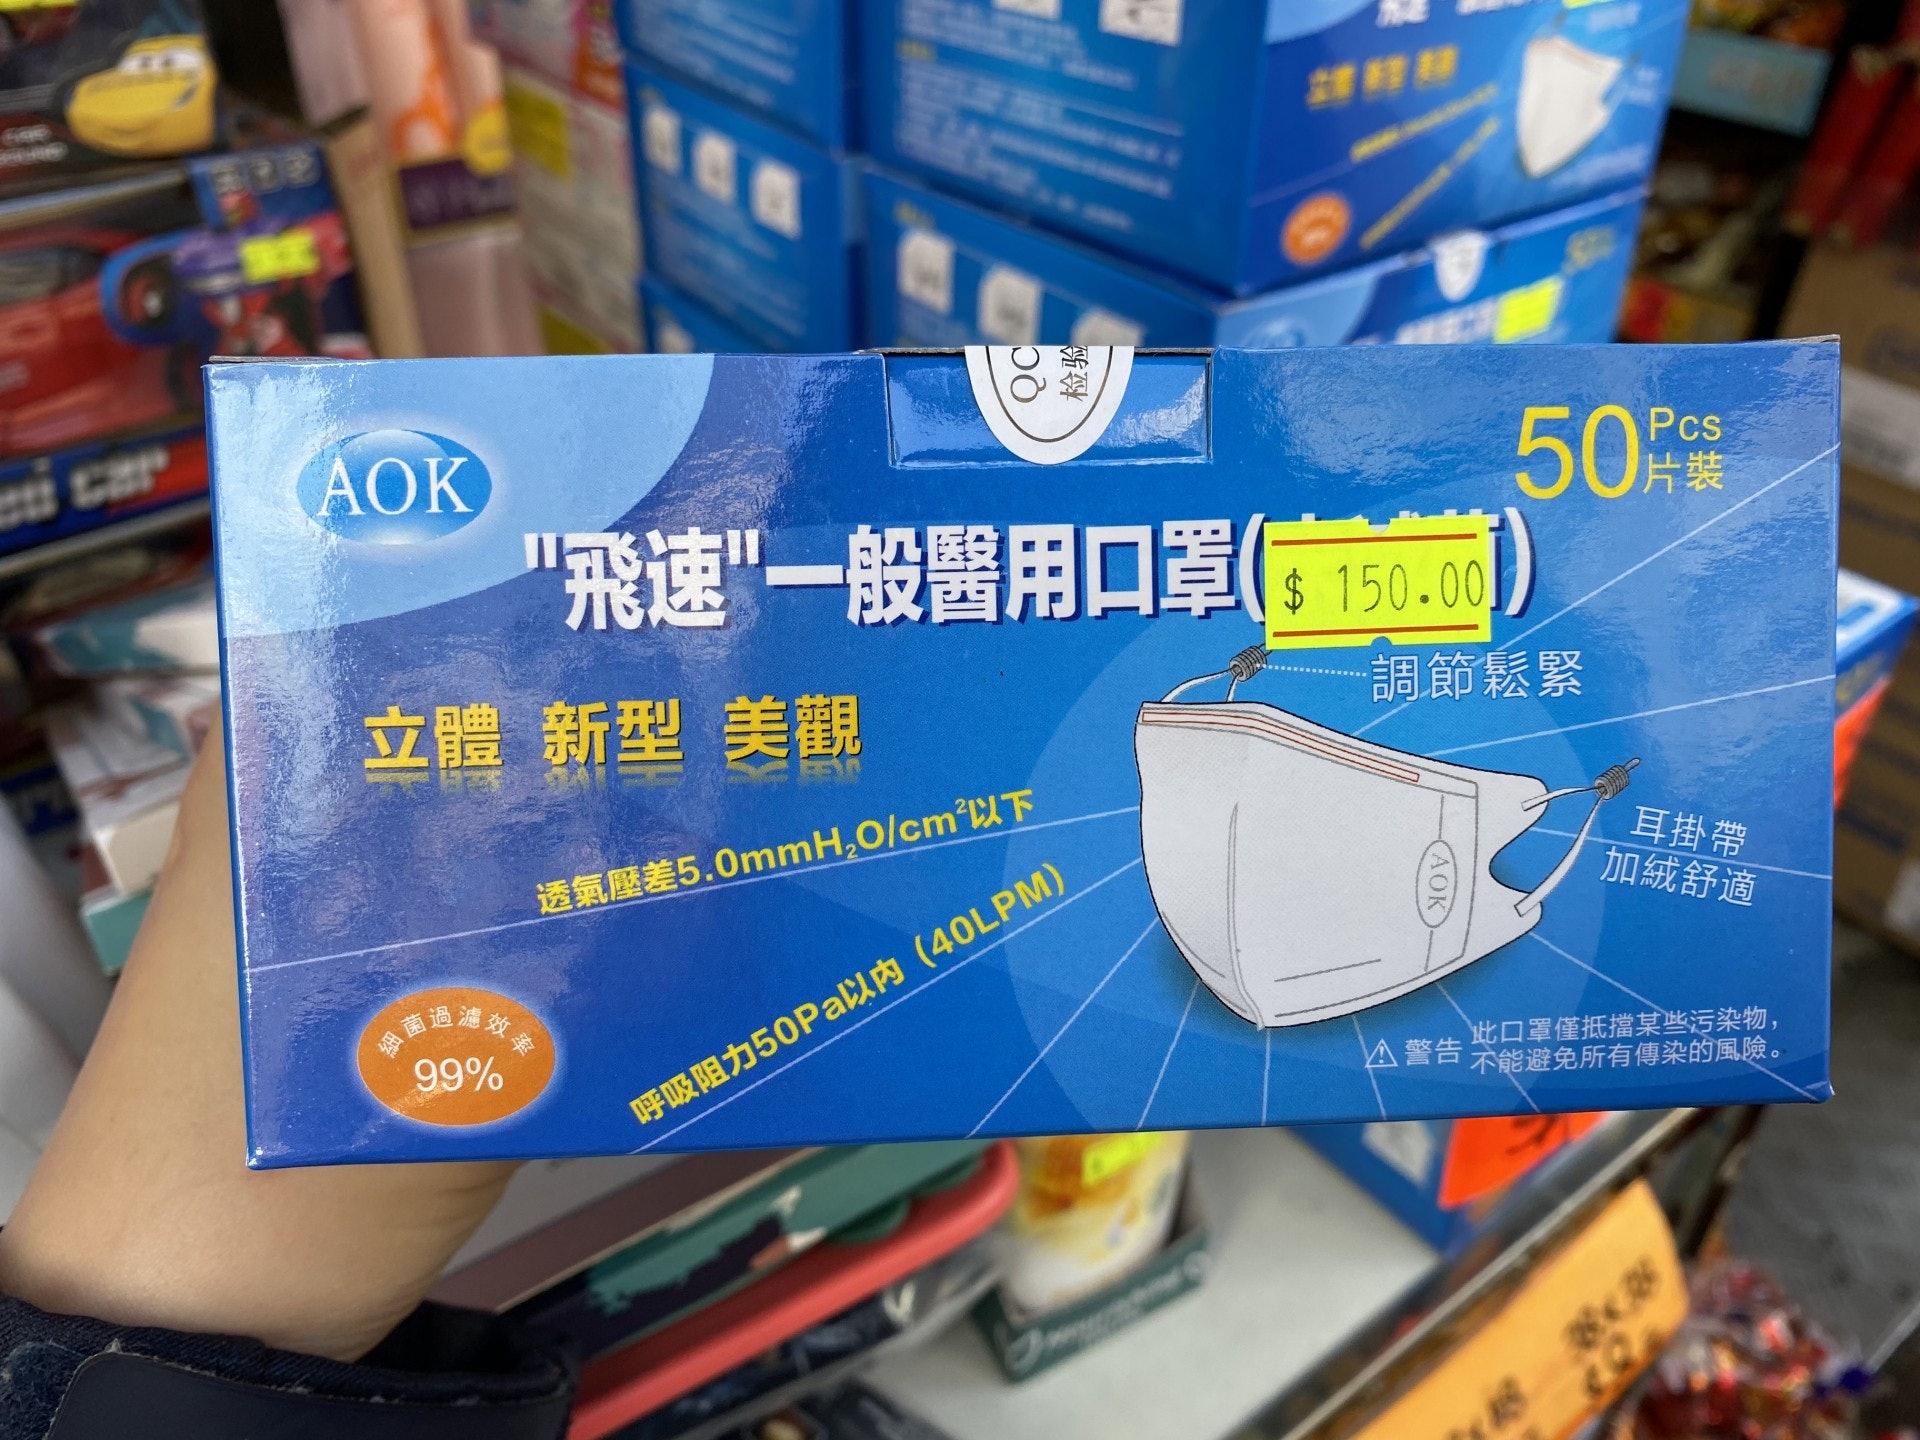 另一間荃灣藥房的醫用口罩價錢飆升至150元一盒。